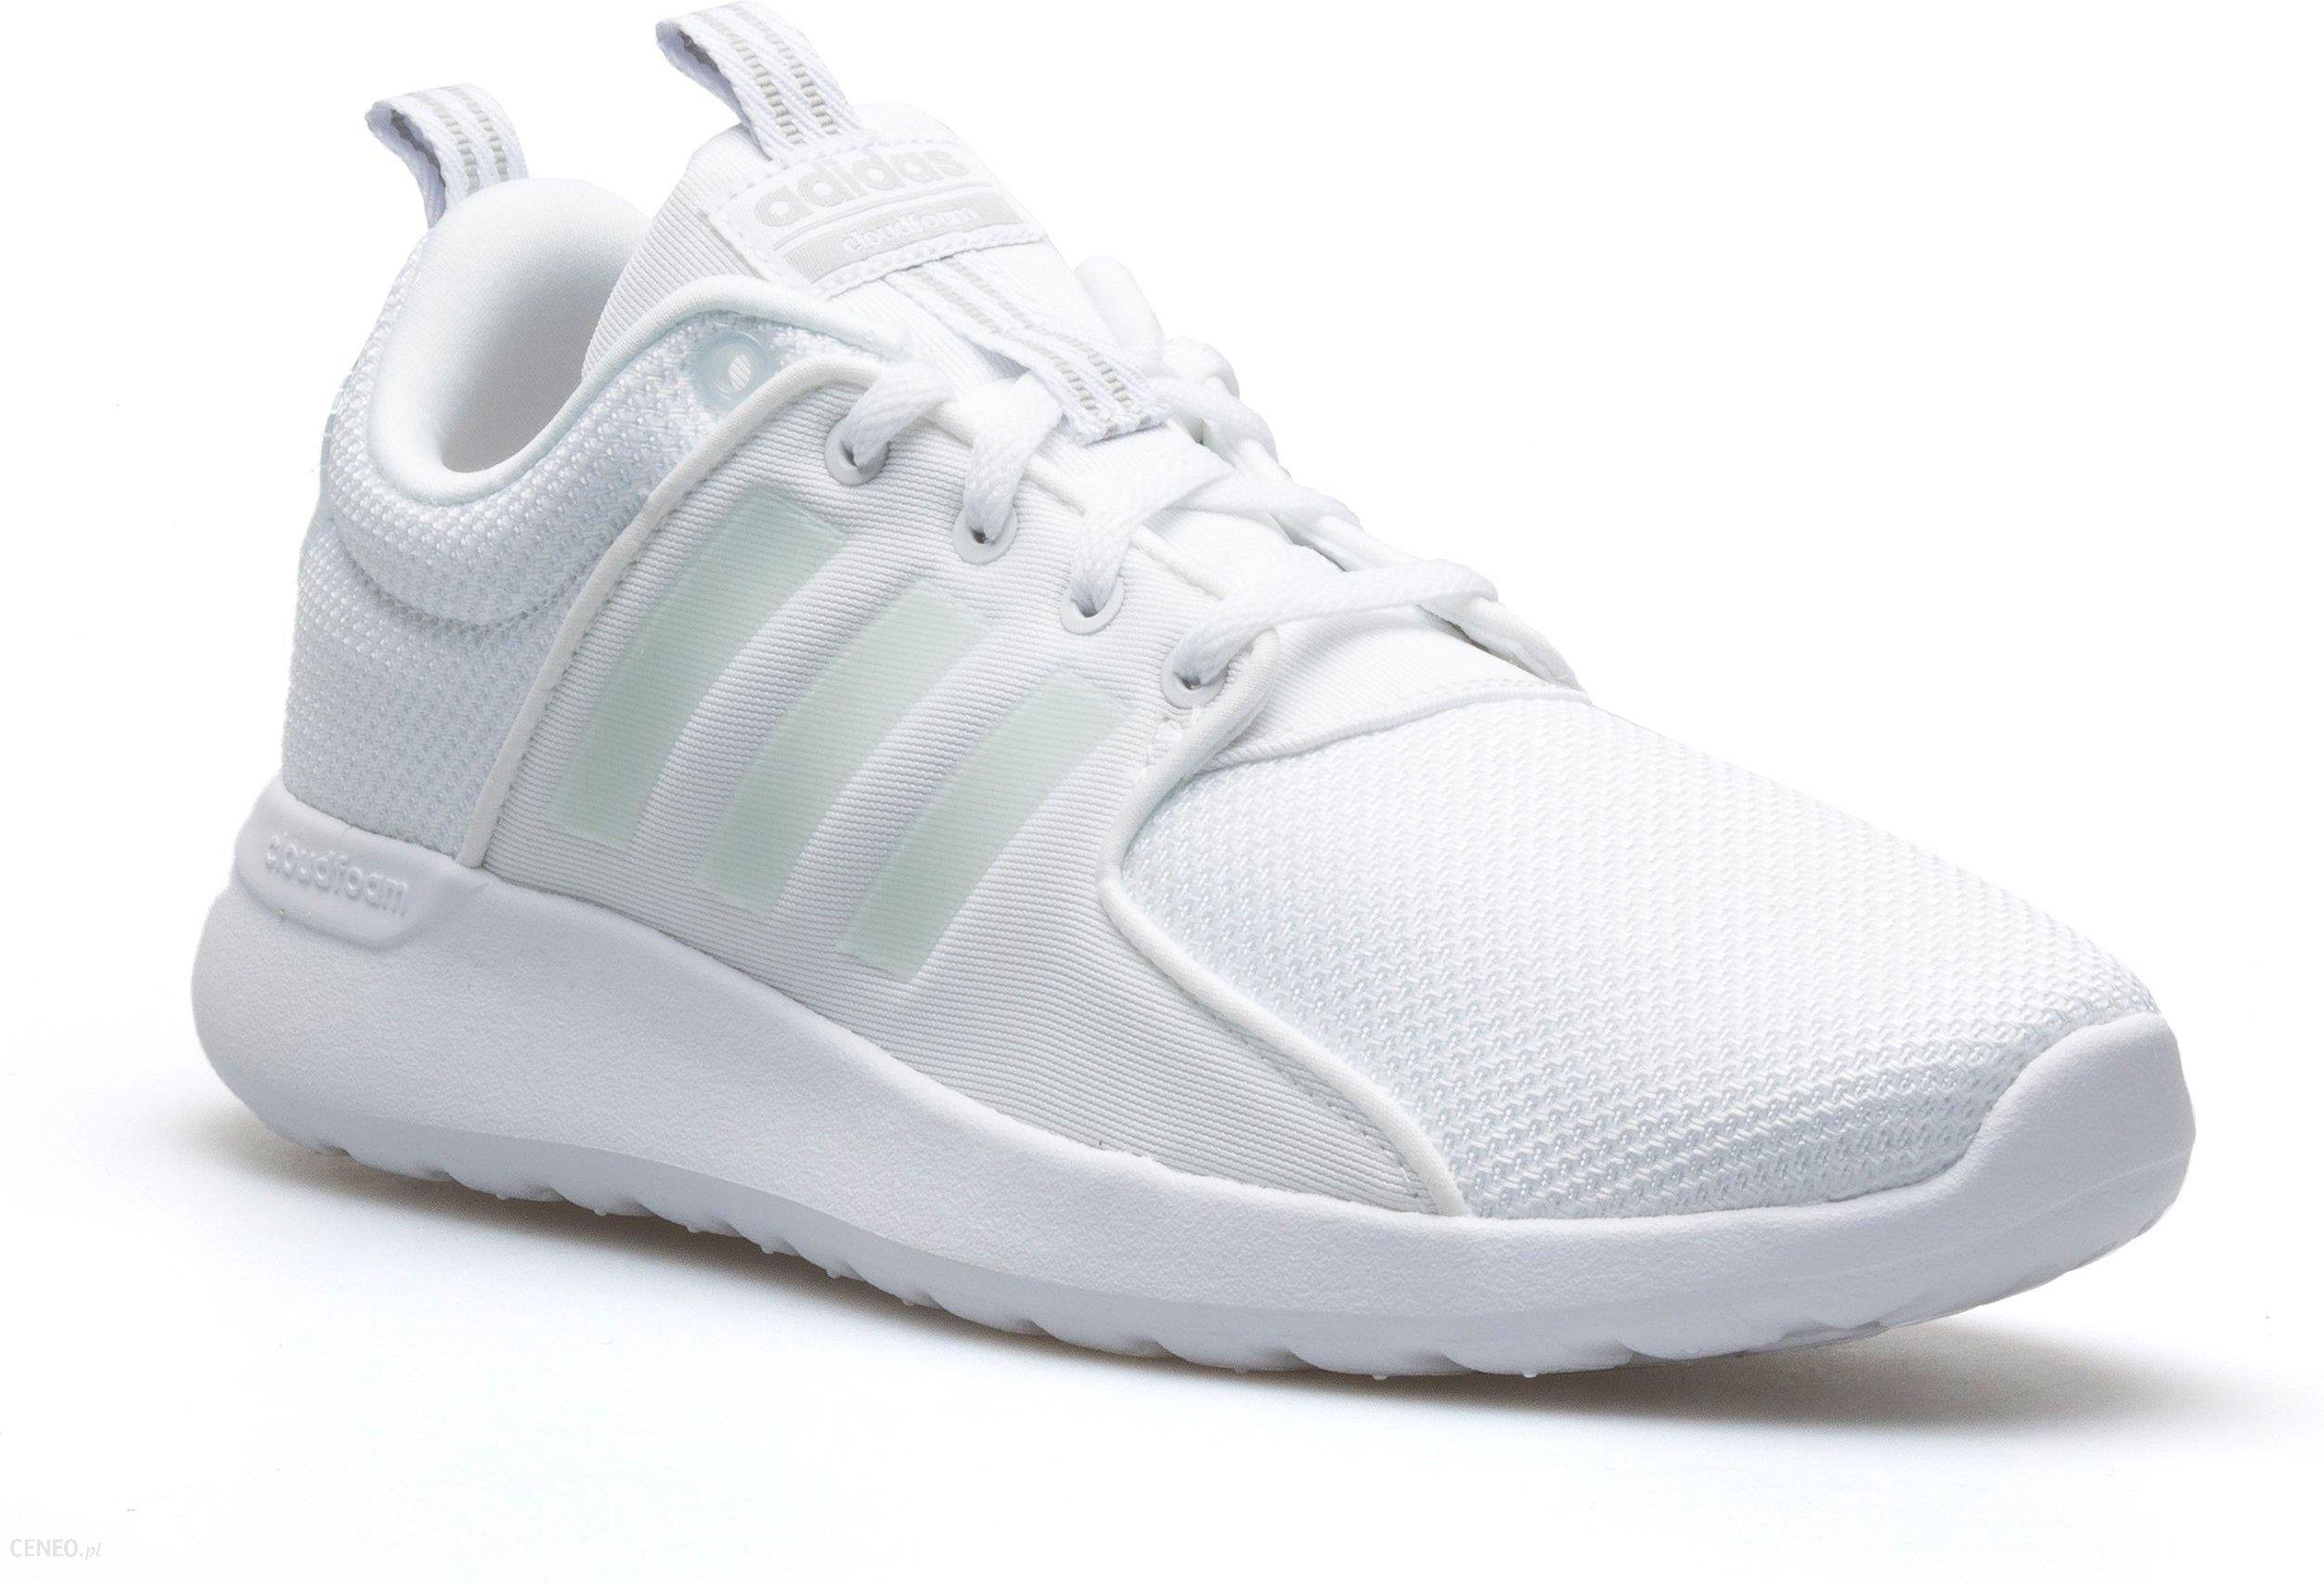 Buty męskie adidas Cloudfoam Lite BB9820 r. 42 23 Ceny i opinie Ceneo.pl